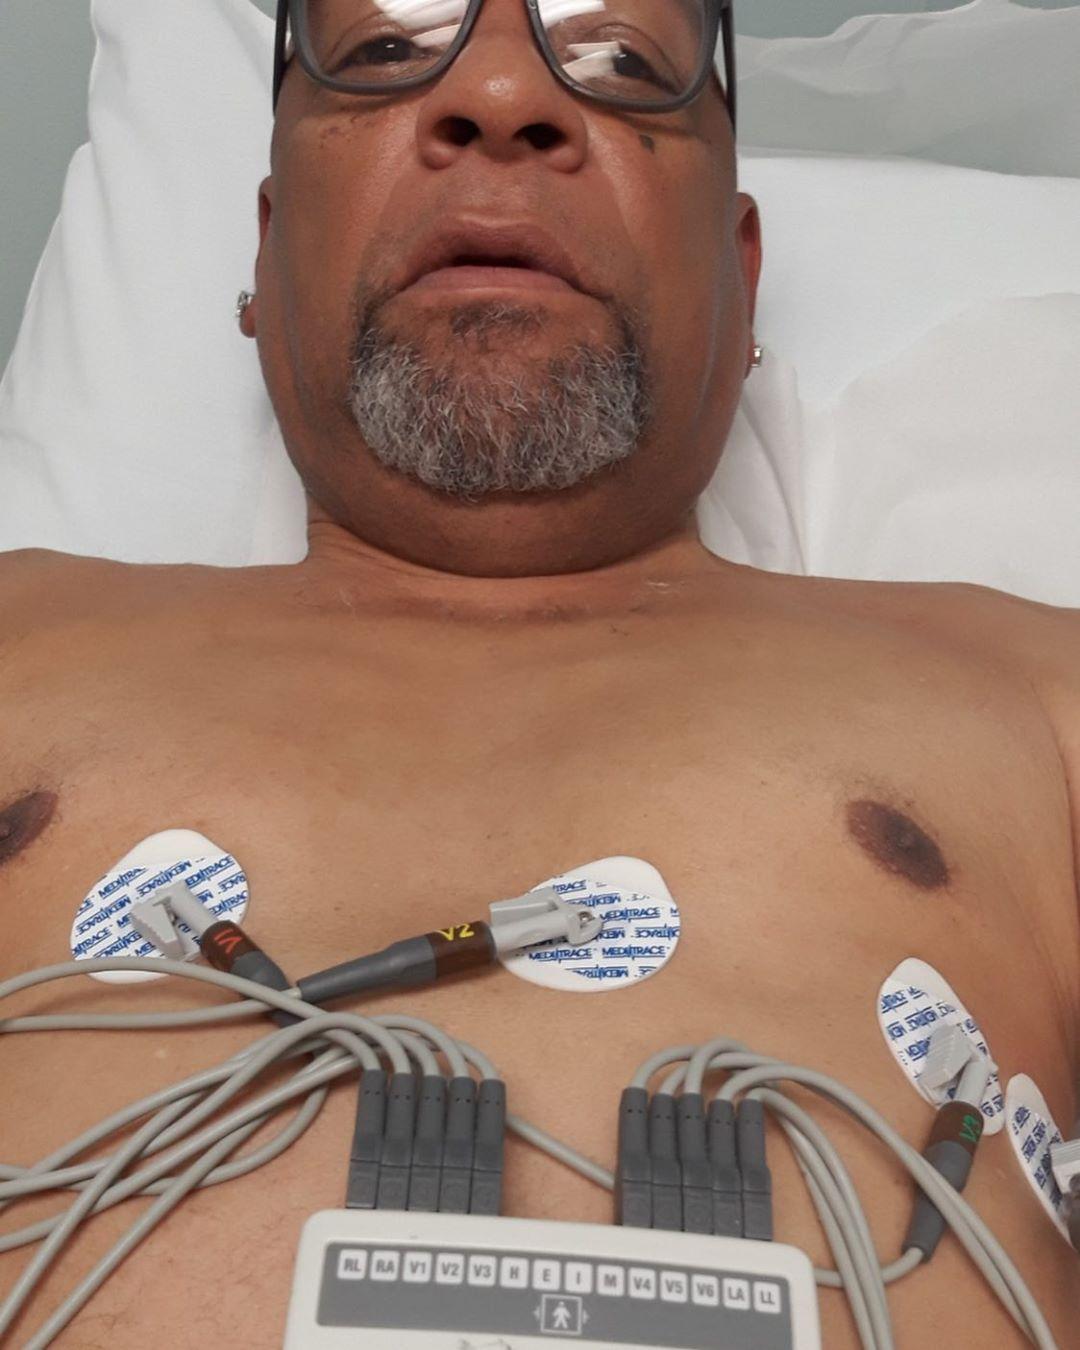 祝福安详!香农-布朗发布父亲病重的入院照片